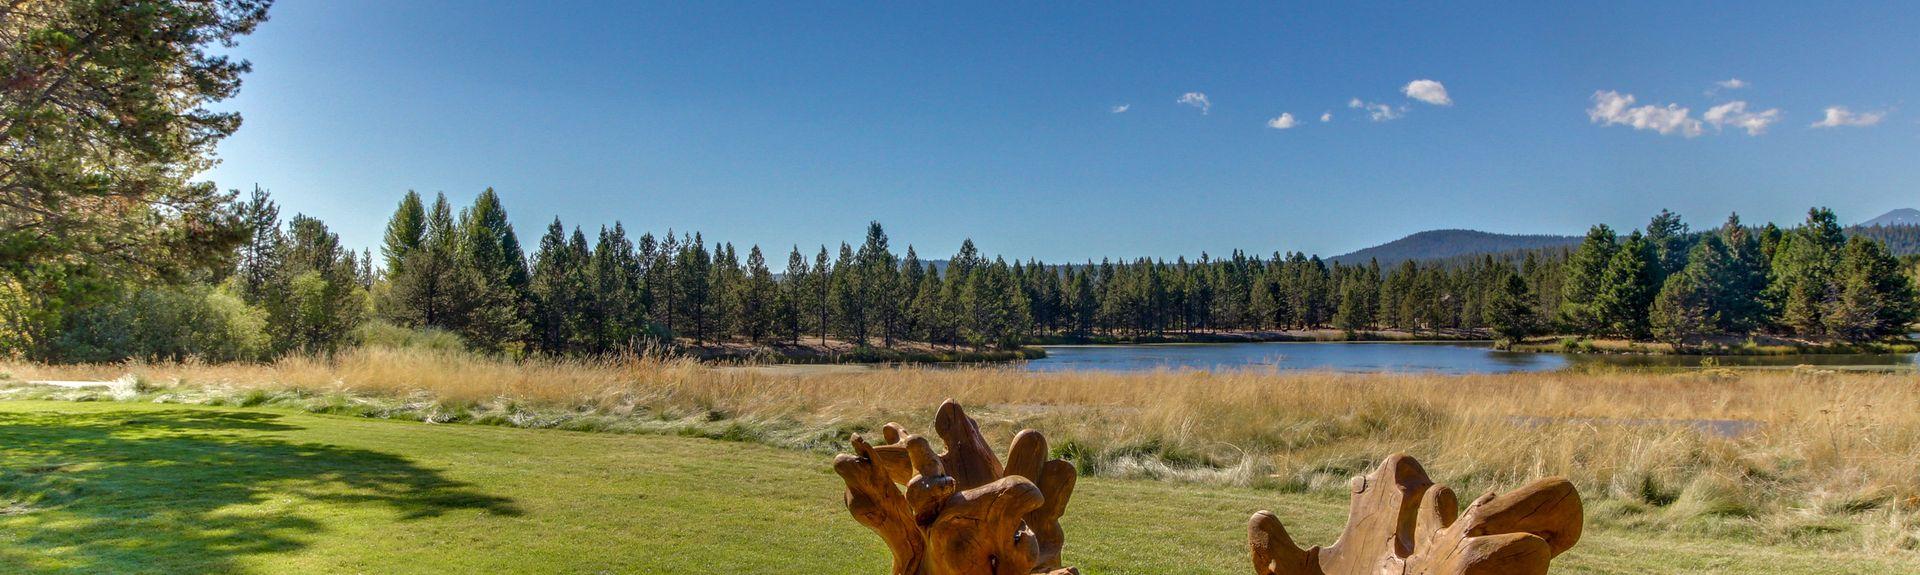 Quelah (Sunriver, Oregon, United States)